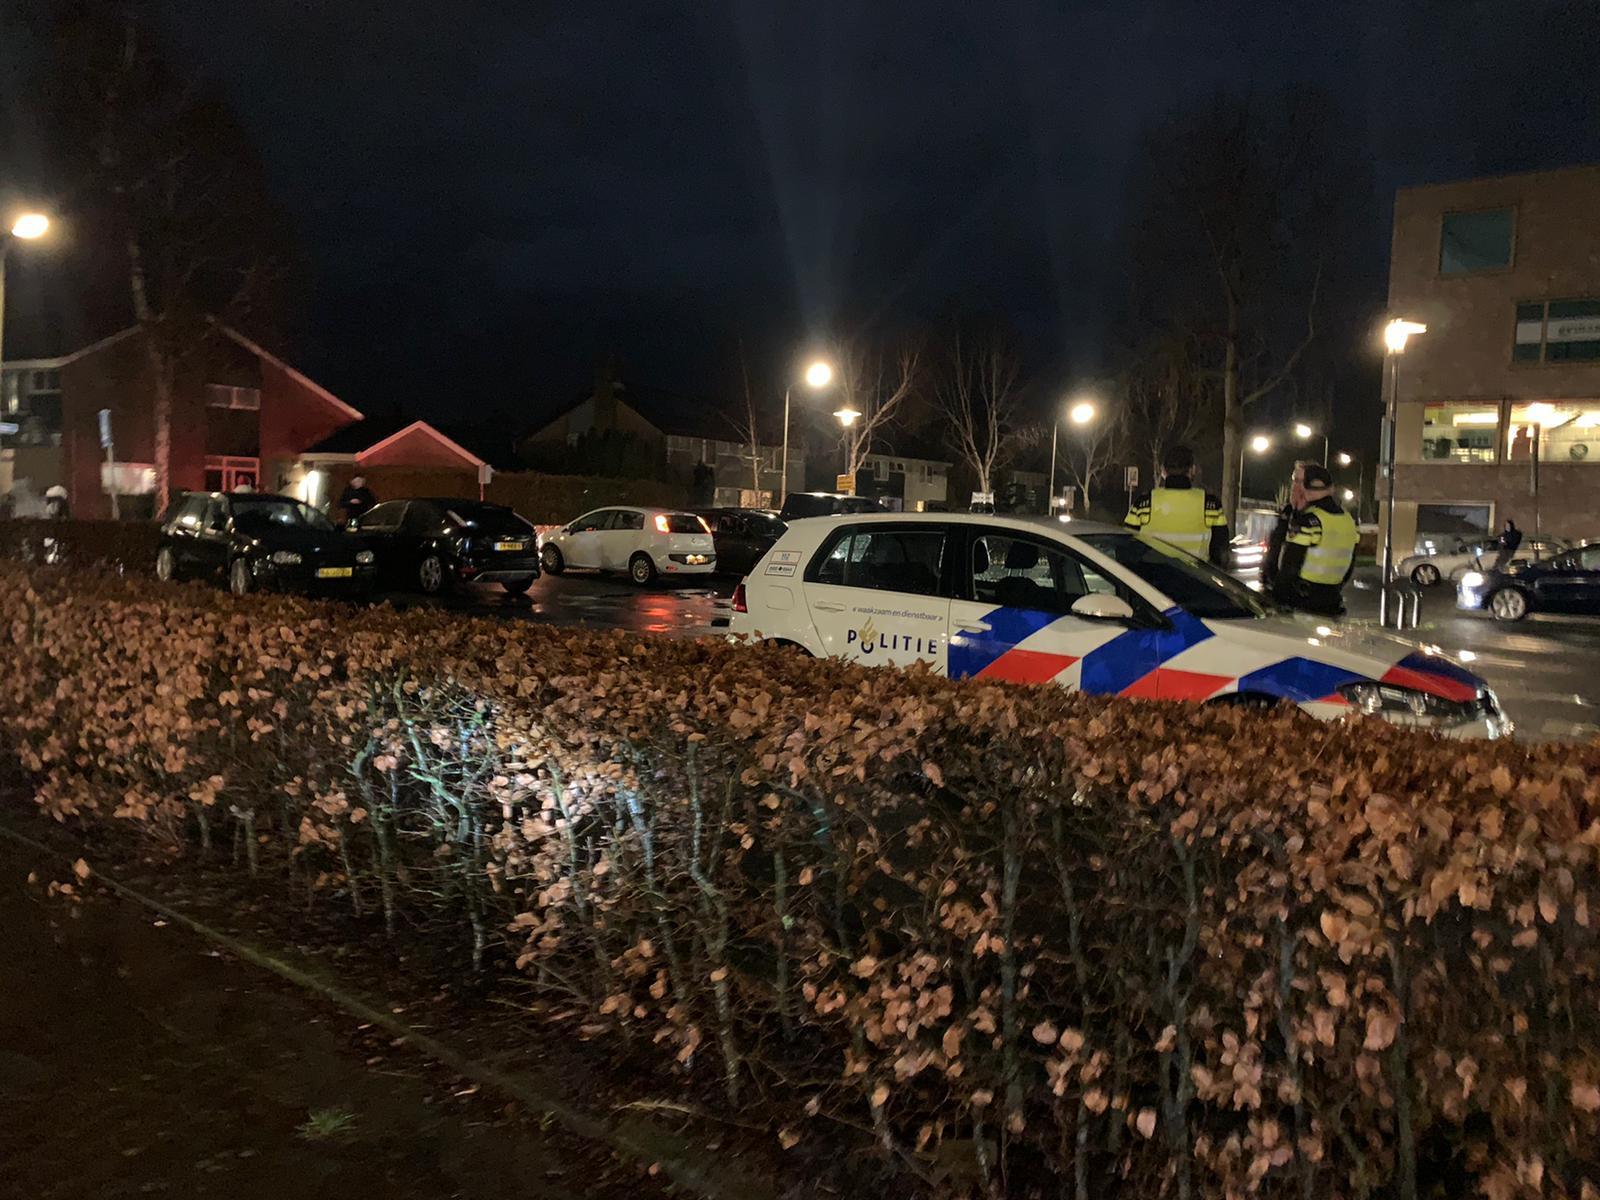 Aangekondigde rellen blijven uit in West-Friesland, vooral onrust door oproepjes via internet